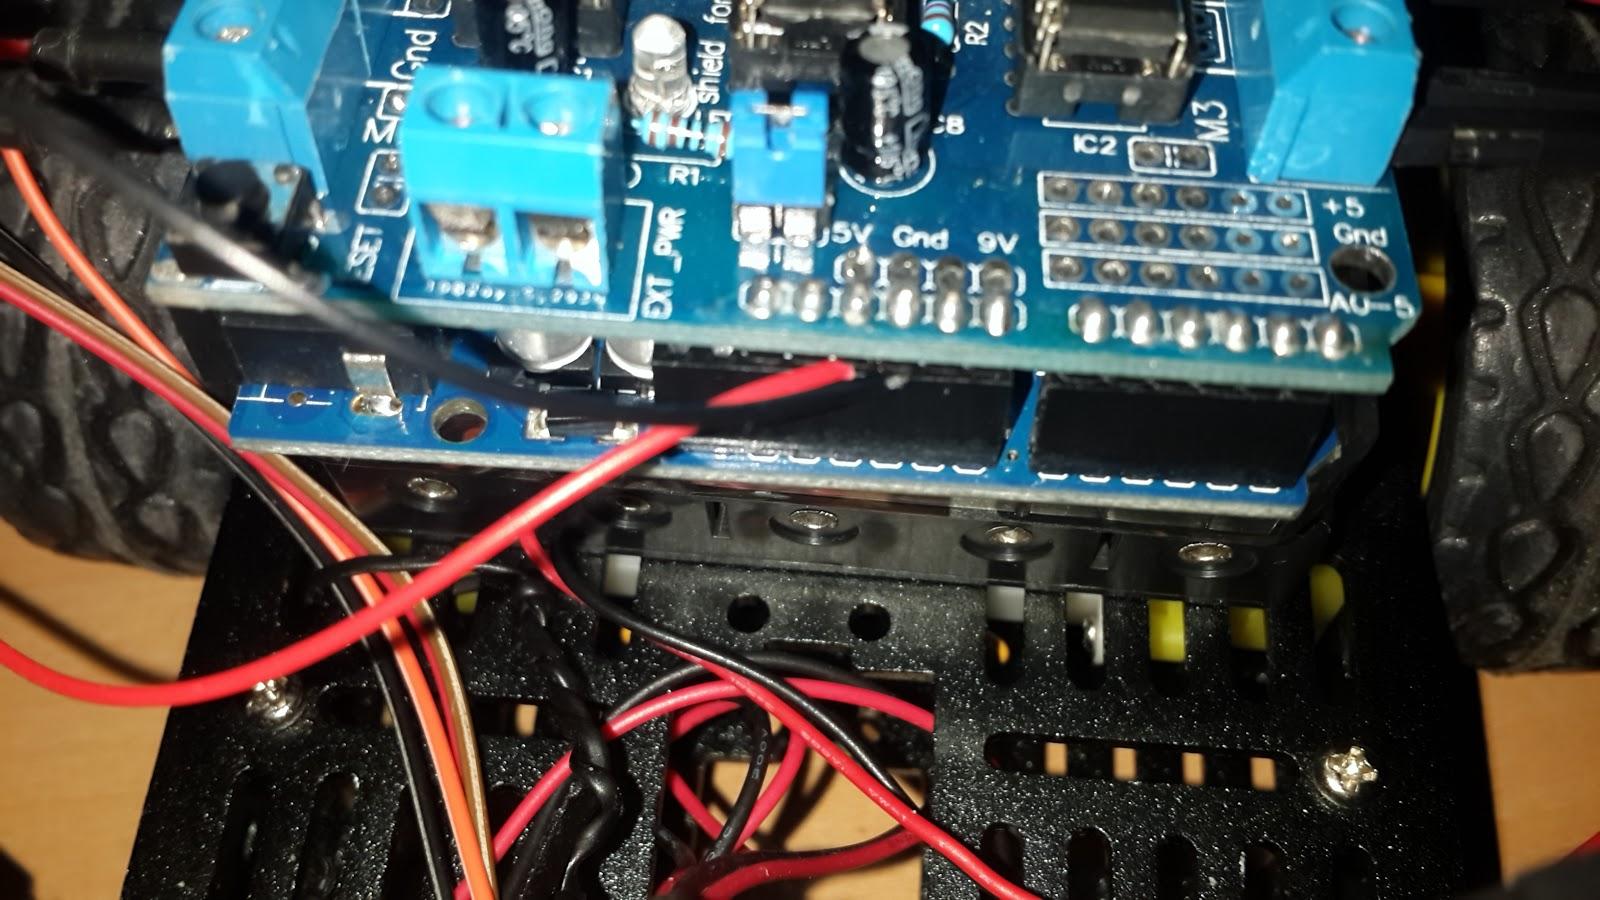 Inside Hackers Mind Hooking Up Sainsmart Motor Shield